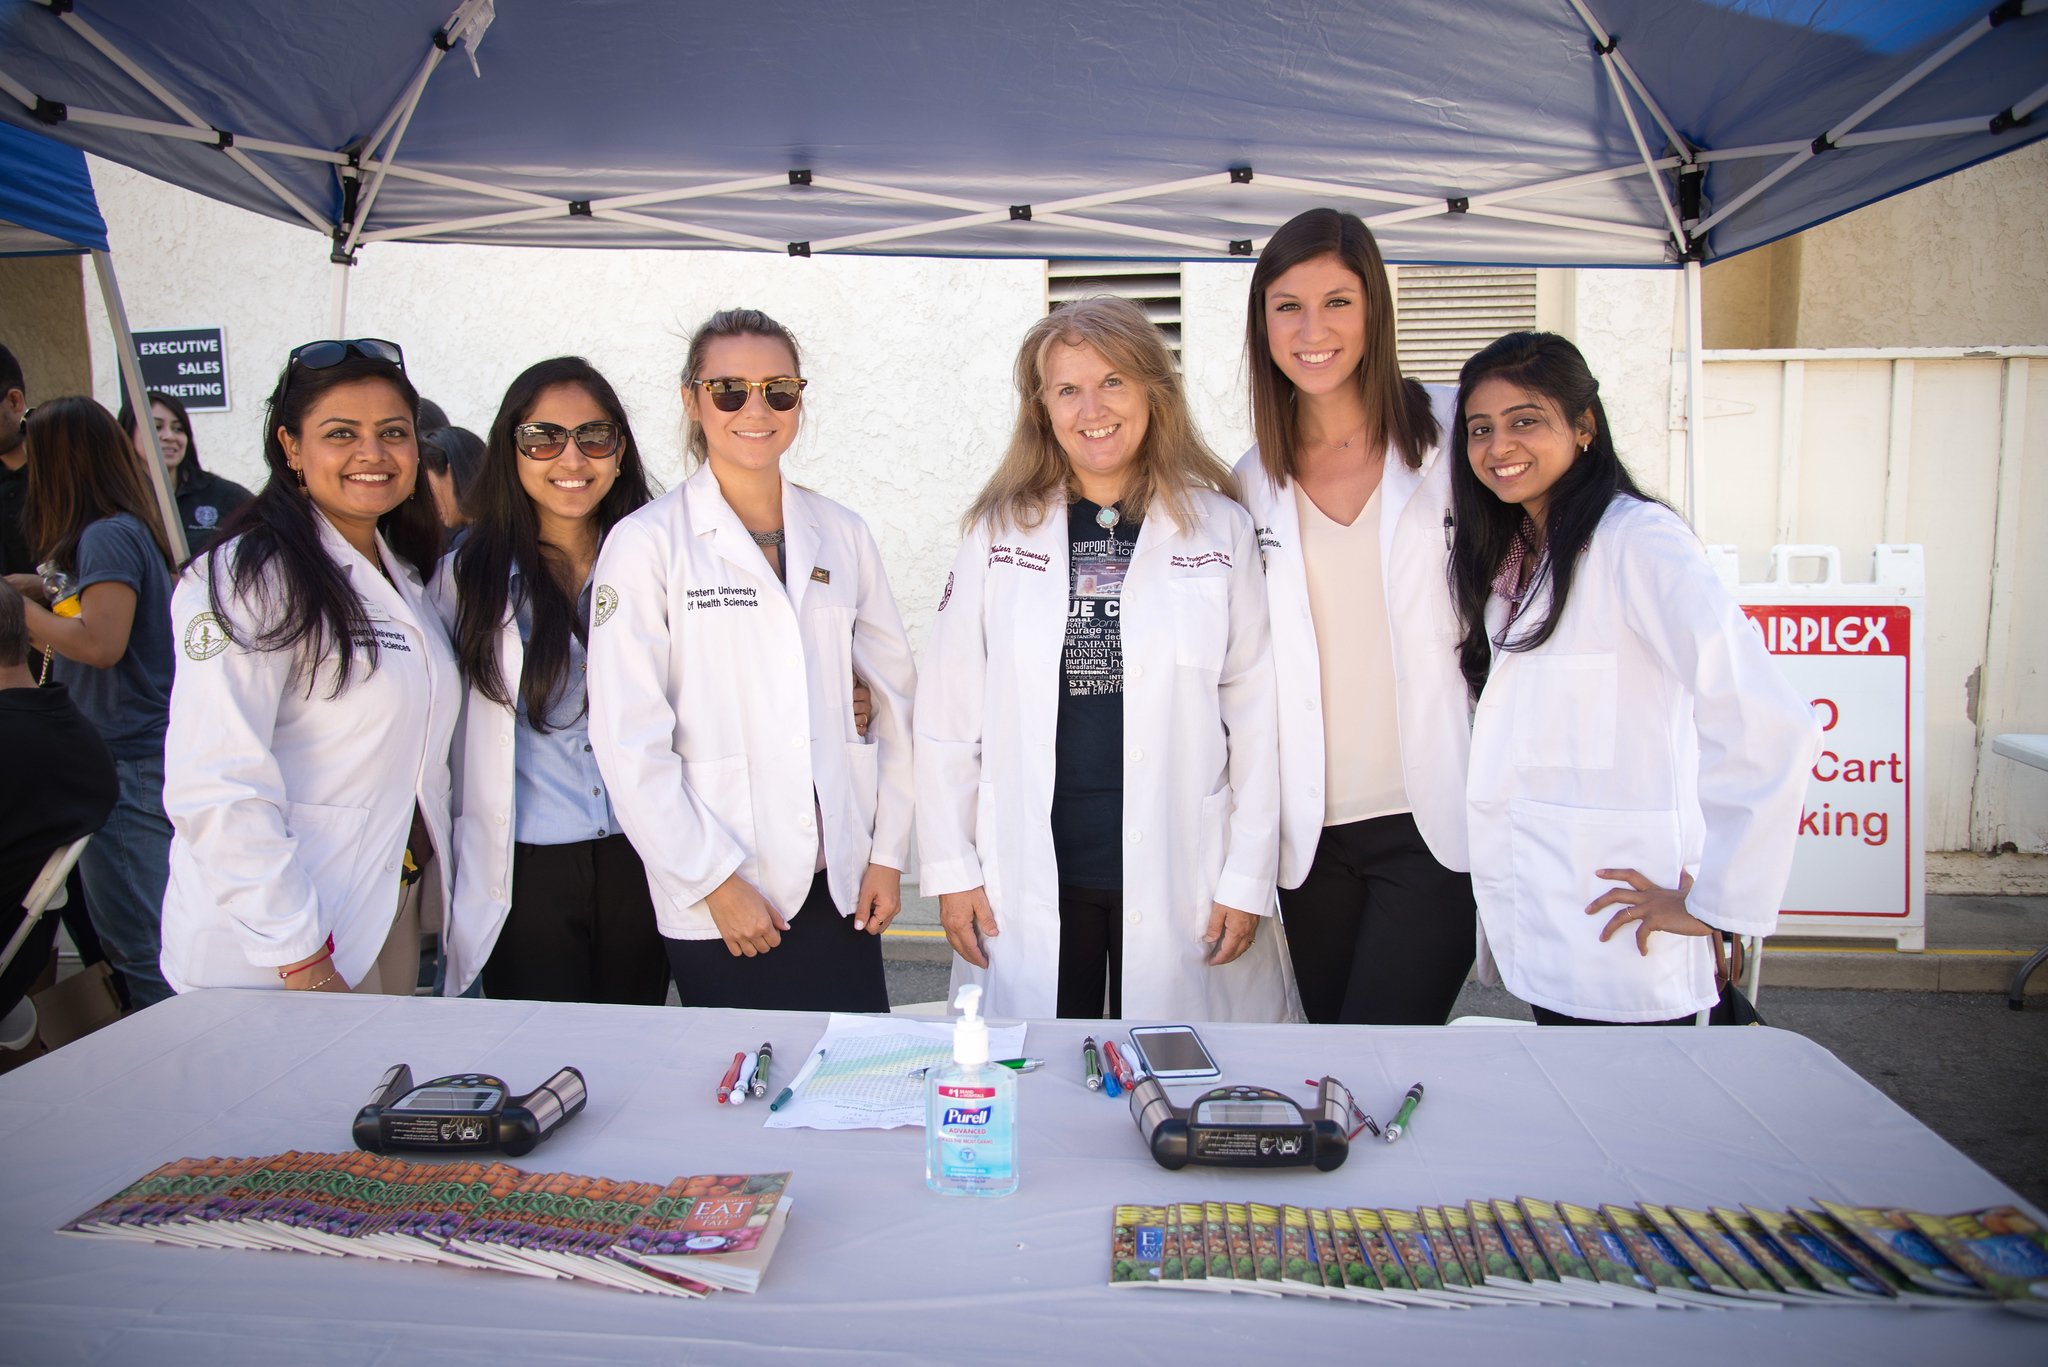 Interprofessional Health Fair at the LA County Fair